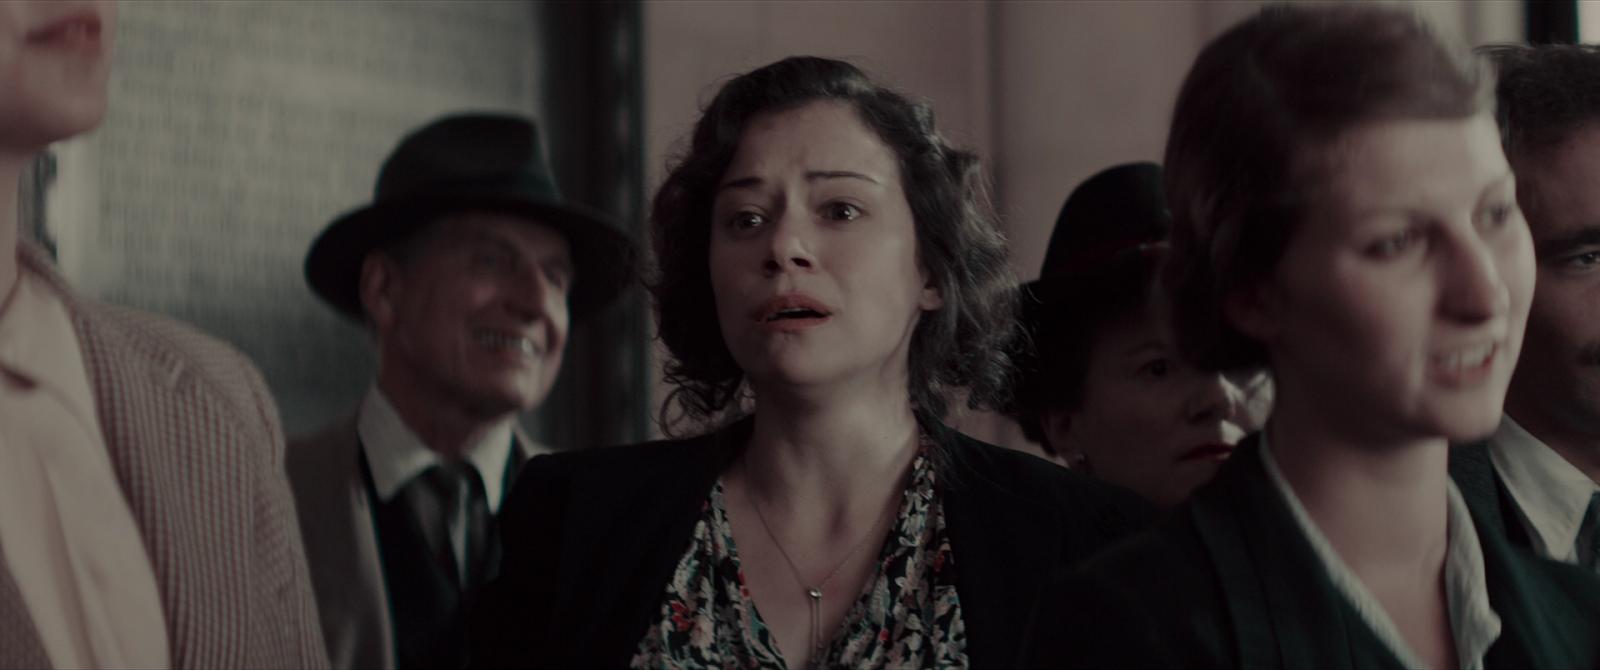 La Dama De Oro (2015) 1080p BD25 3